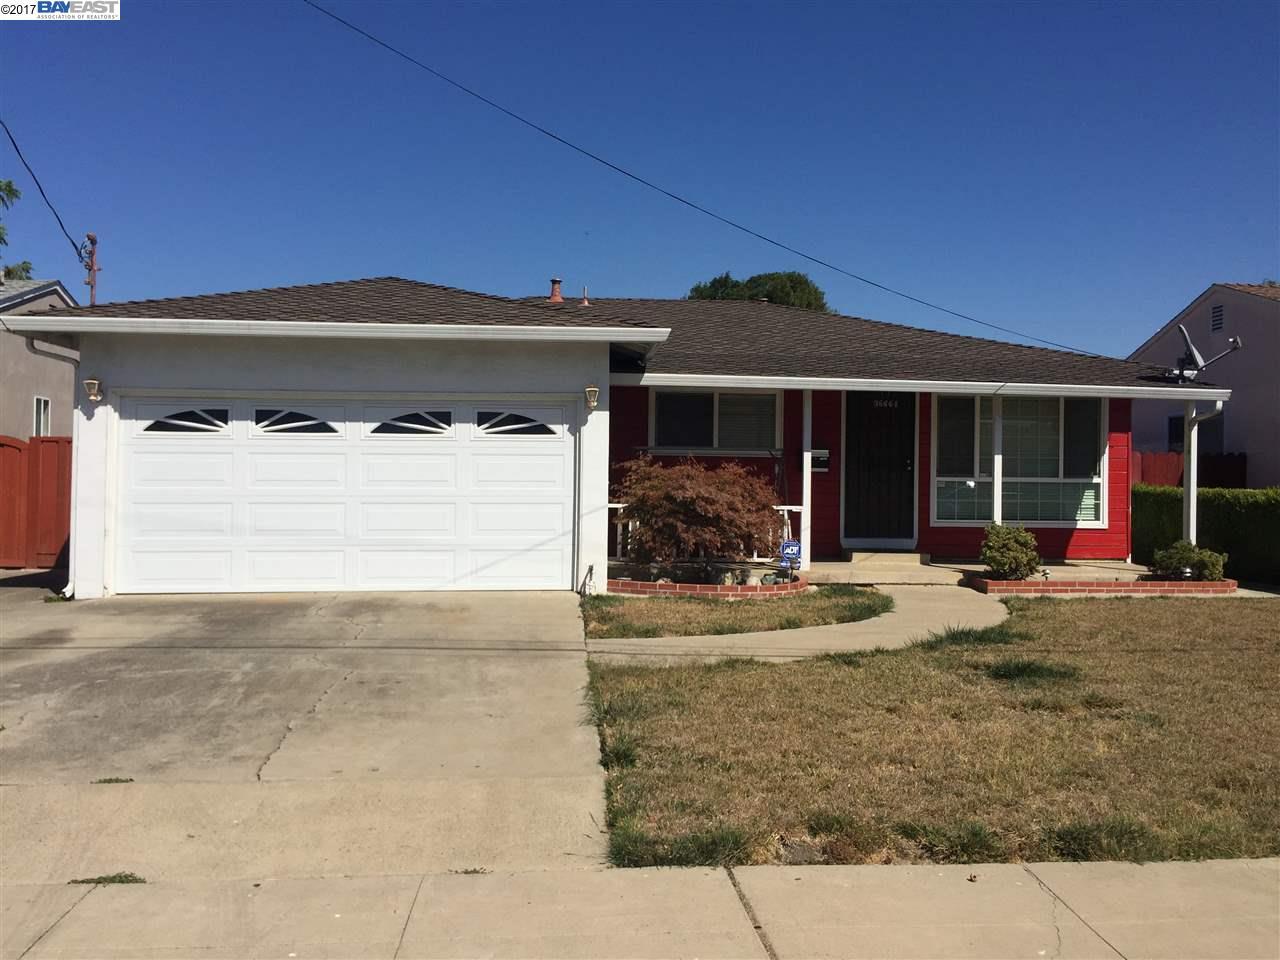 一戸建て のために 売買 アット 36664 Bonito Drive 36664 Bonito Drive Fremont, カリフォルニア 94536 アメリカ合衆国